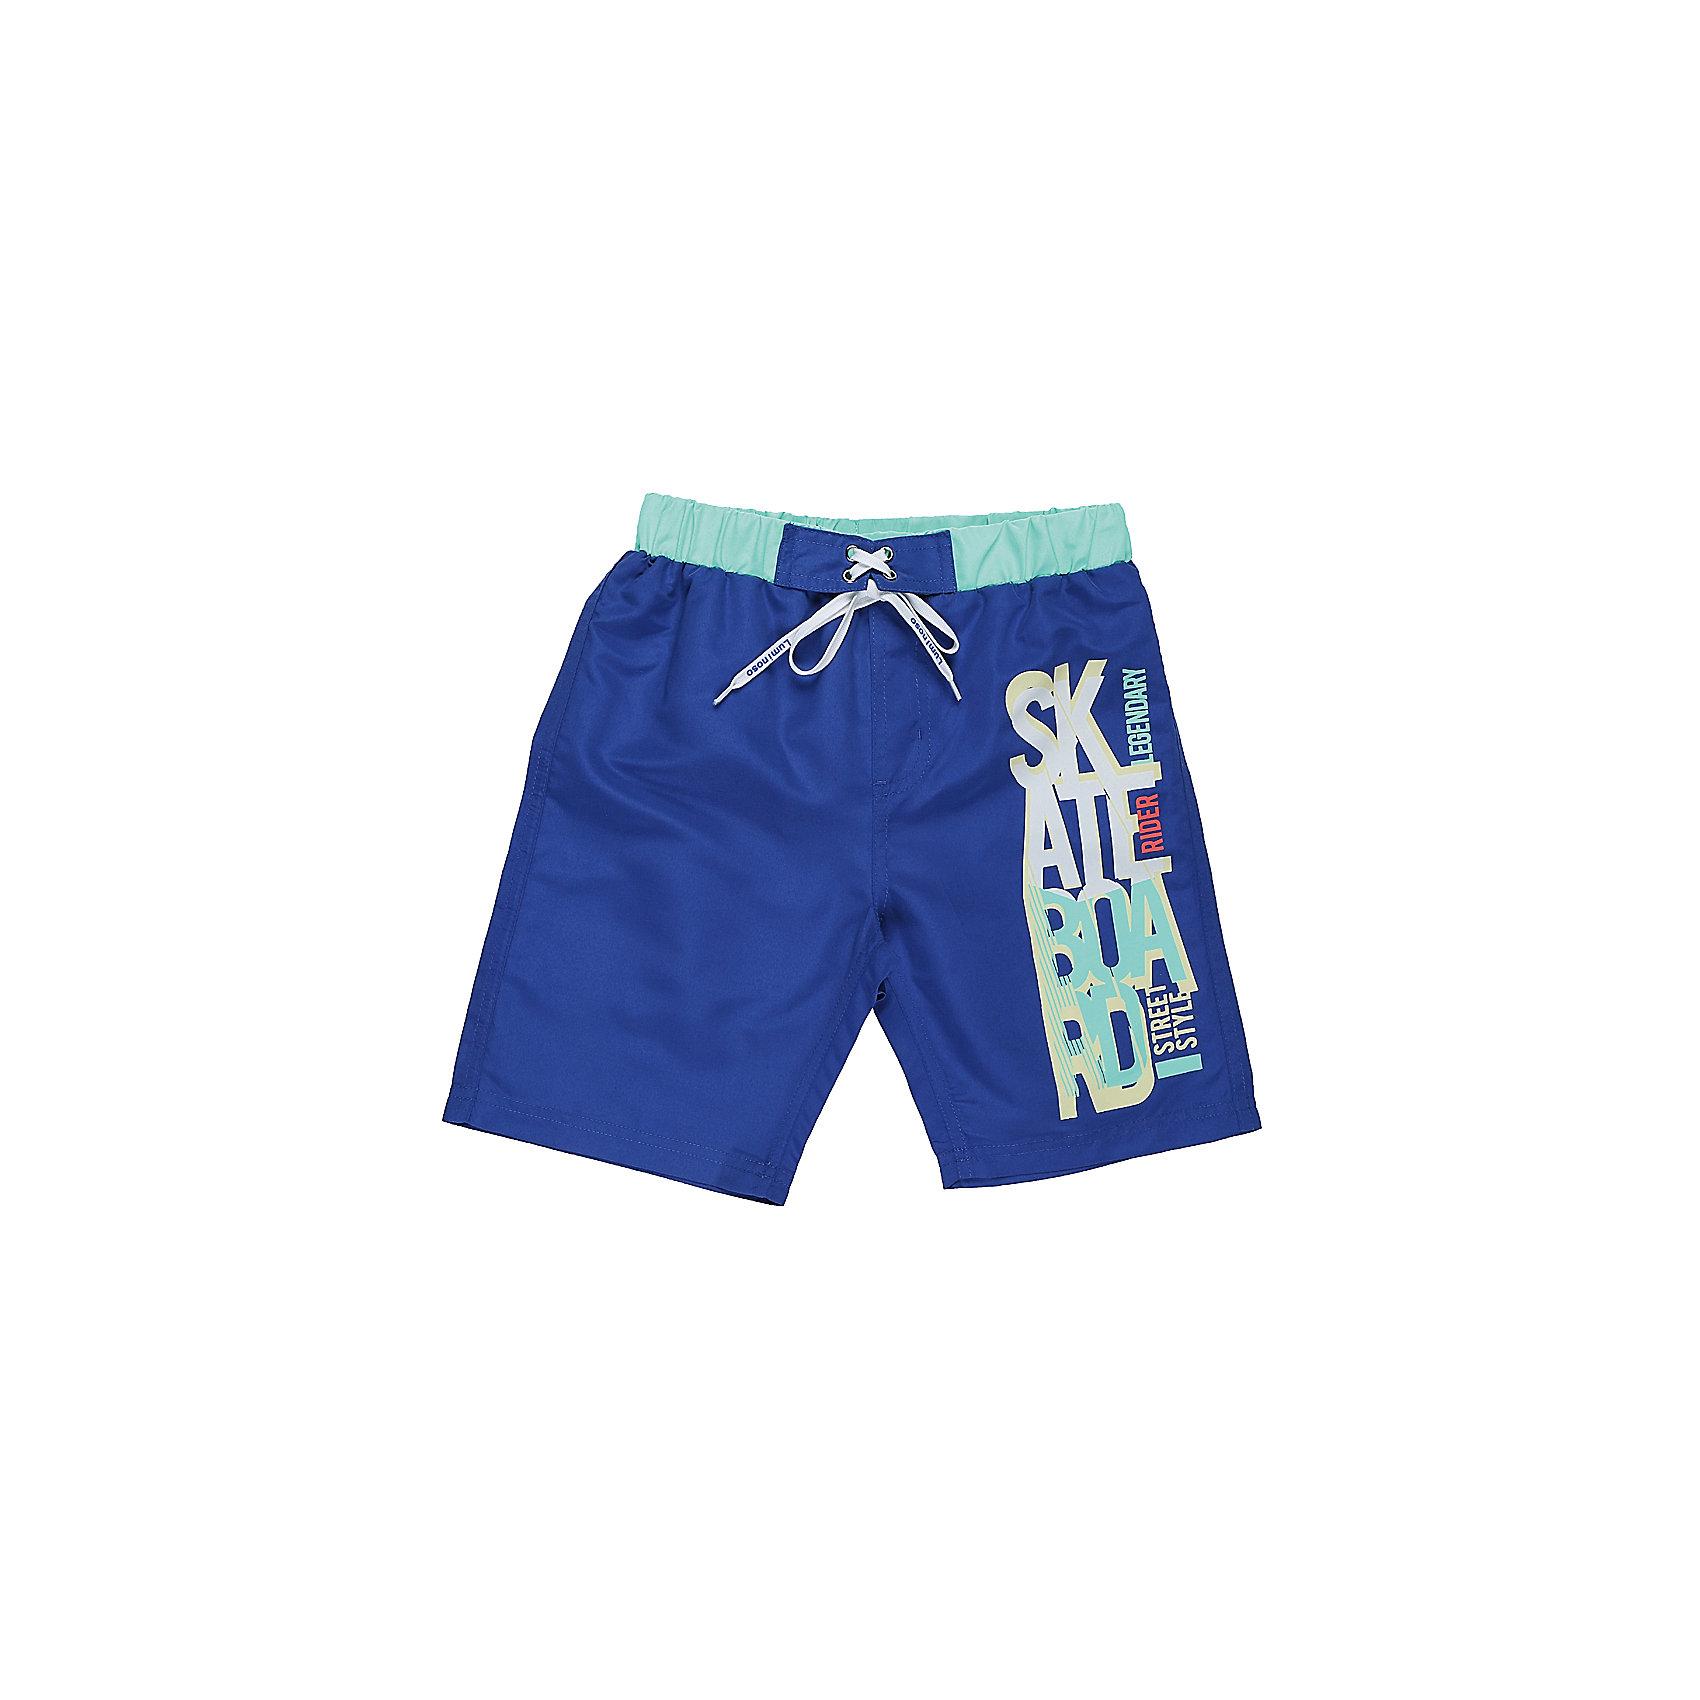 Шорты пляжные для мальчика LuminosoШорты, бриджи, капри<br>Купальные шорты для мальчика с ярким принтом выполнены из легкого быстросохнущего материала. Пояс-резинка дополнен шнуром для регулирования объема.<br>Состав:<br>100% полиэстер<br><br>Ширина мм: 191<br>Глубина мм: 10<br>Высота мм: 175<br>Вес г: 273<br>Цвет: разноцветный<br>Возраст от месяцев: 96<br>Возраст до месяцев: 108<br>Пол: Мужской<br>Возраст: Детский<br>Размер: 140,146,152,158,164,134<br>SKU: 5409562